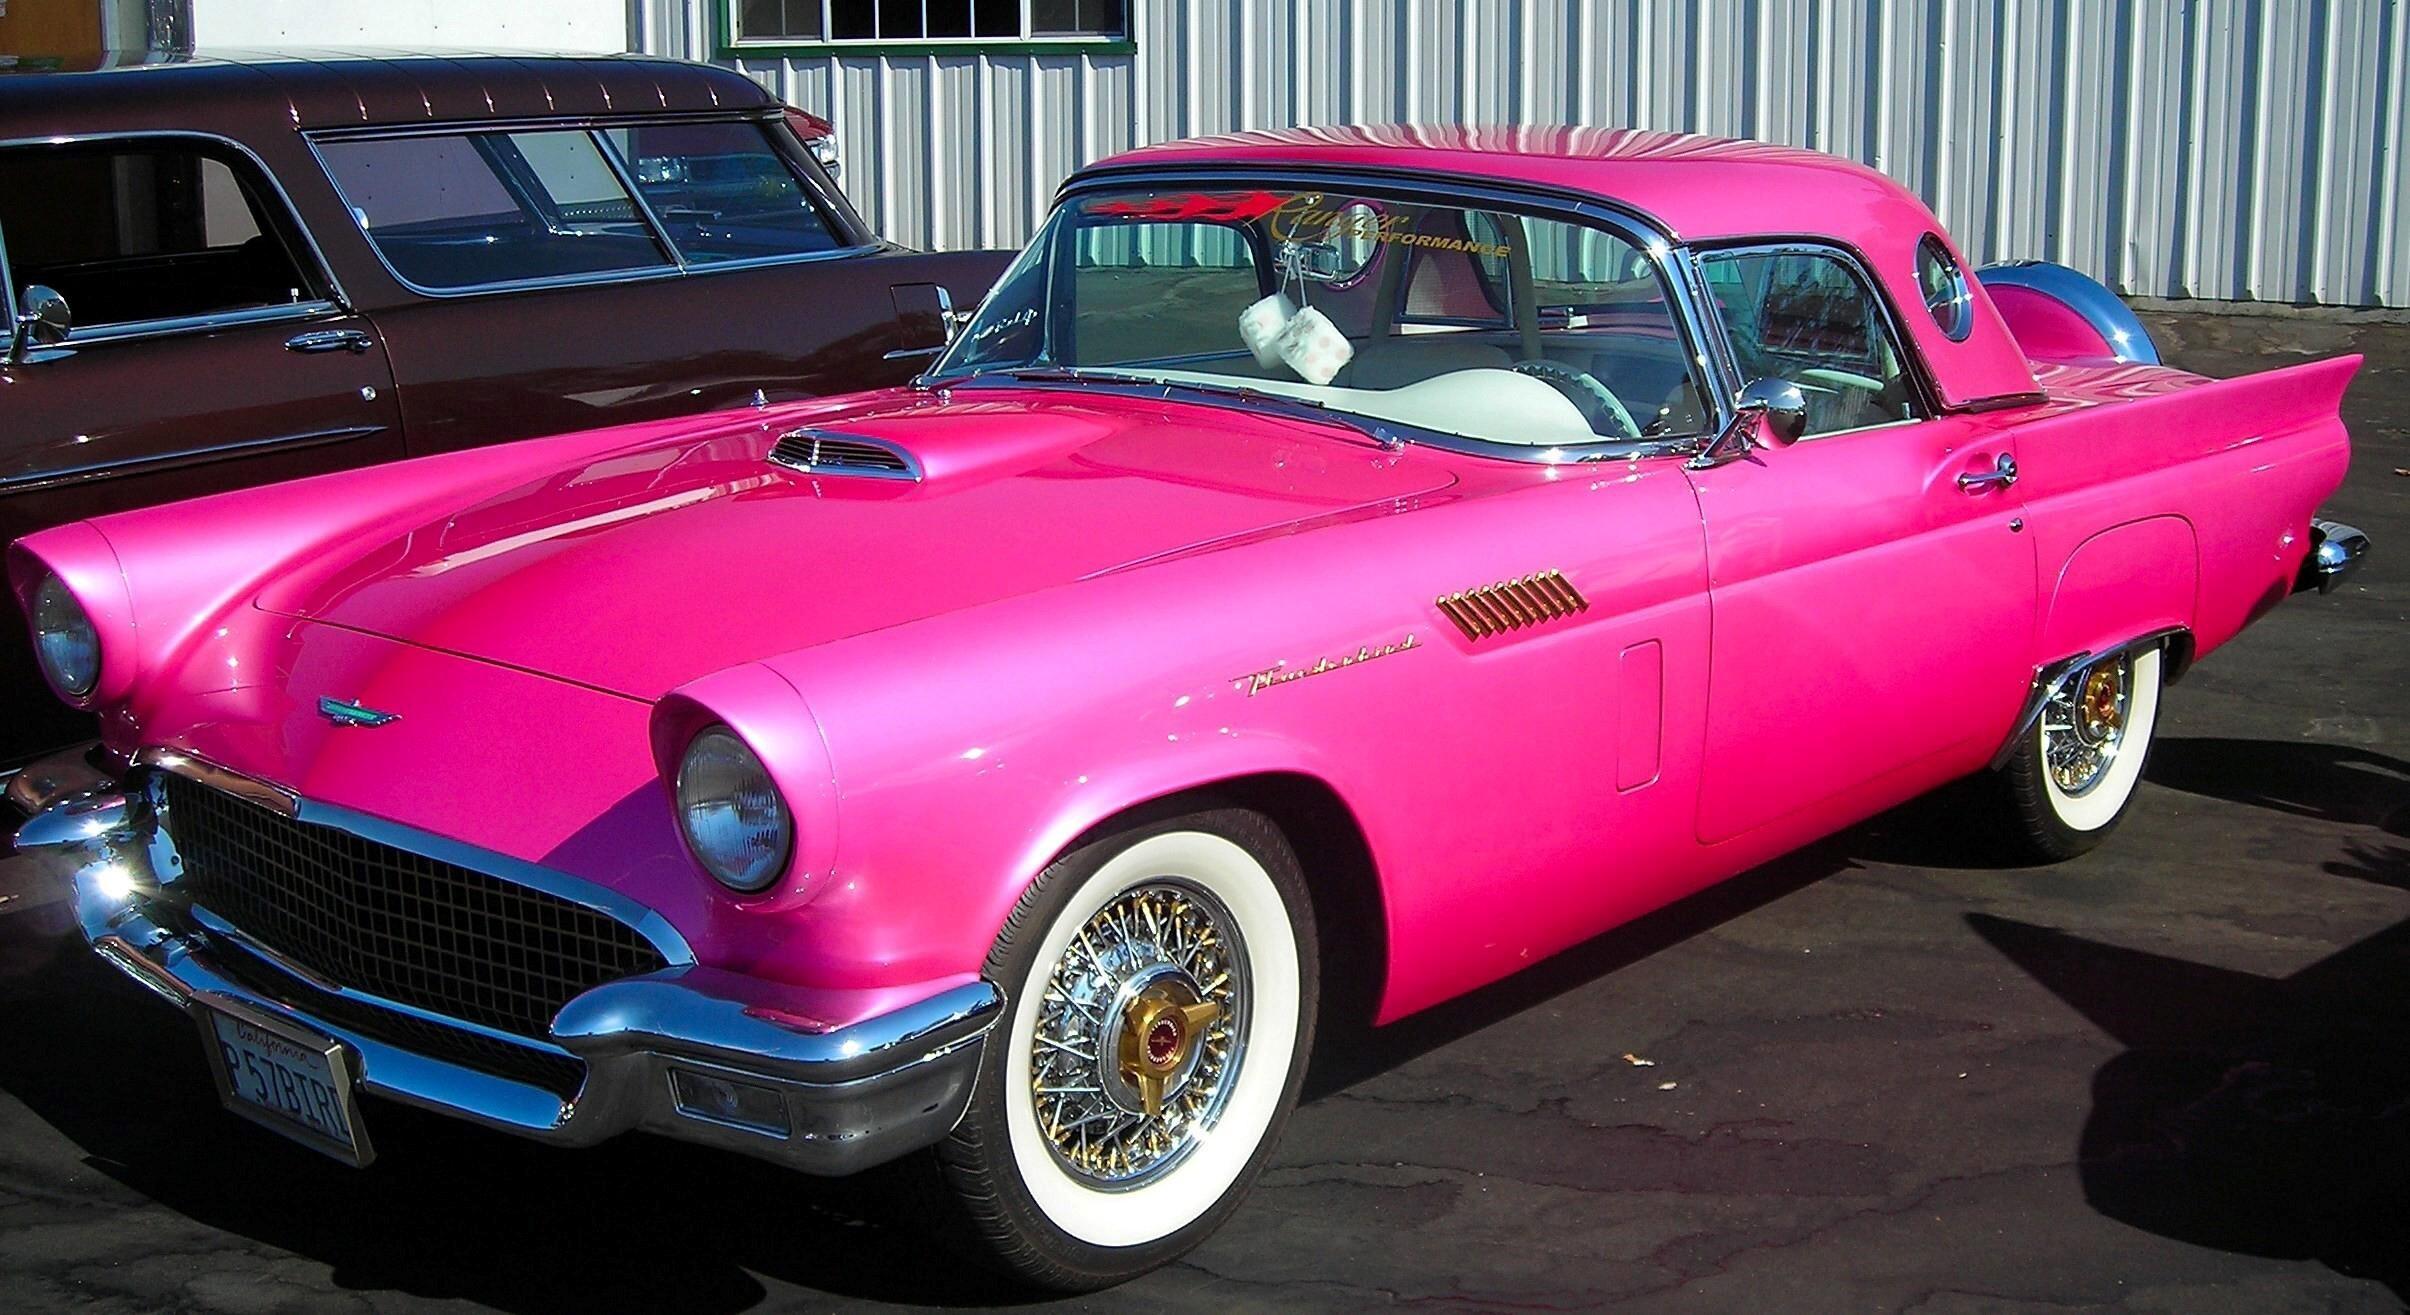 Nice Pink Vintage Car HD Image